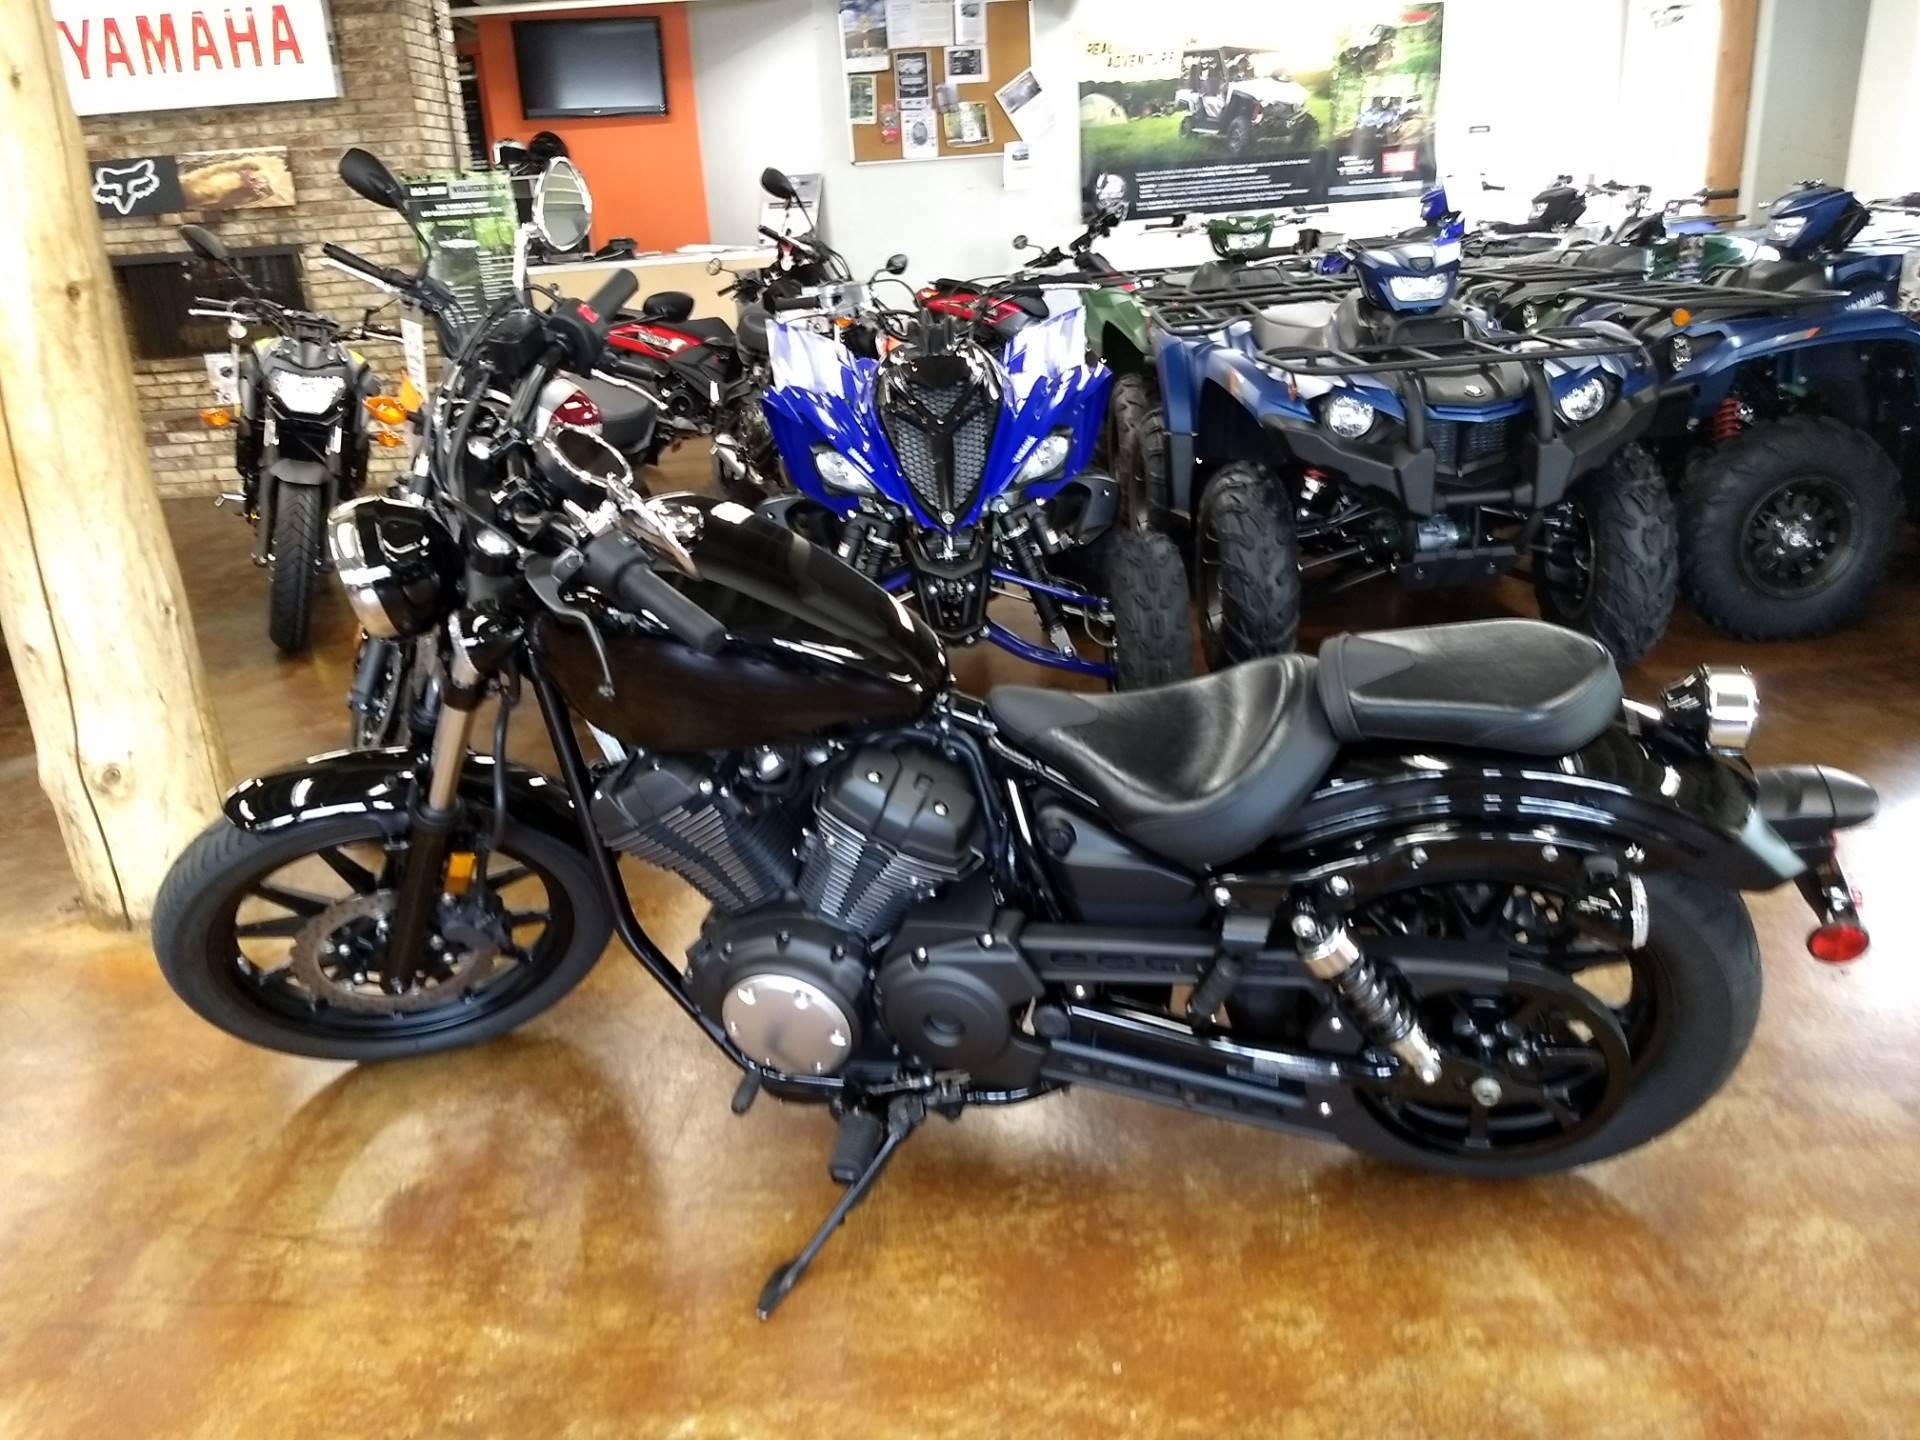 2014 Yamaha Bolt for sale 233939